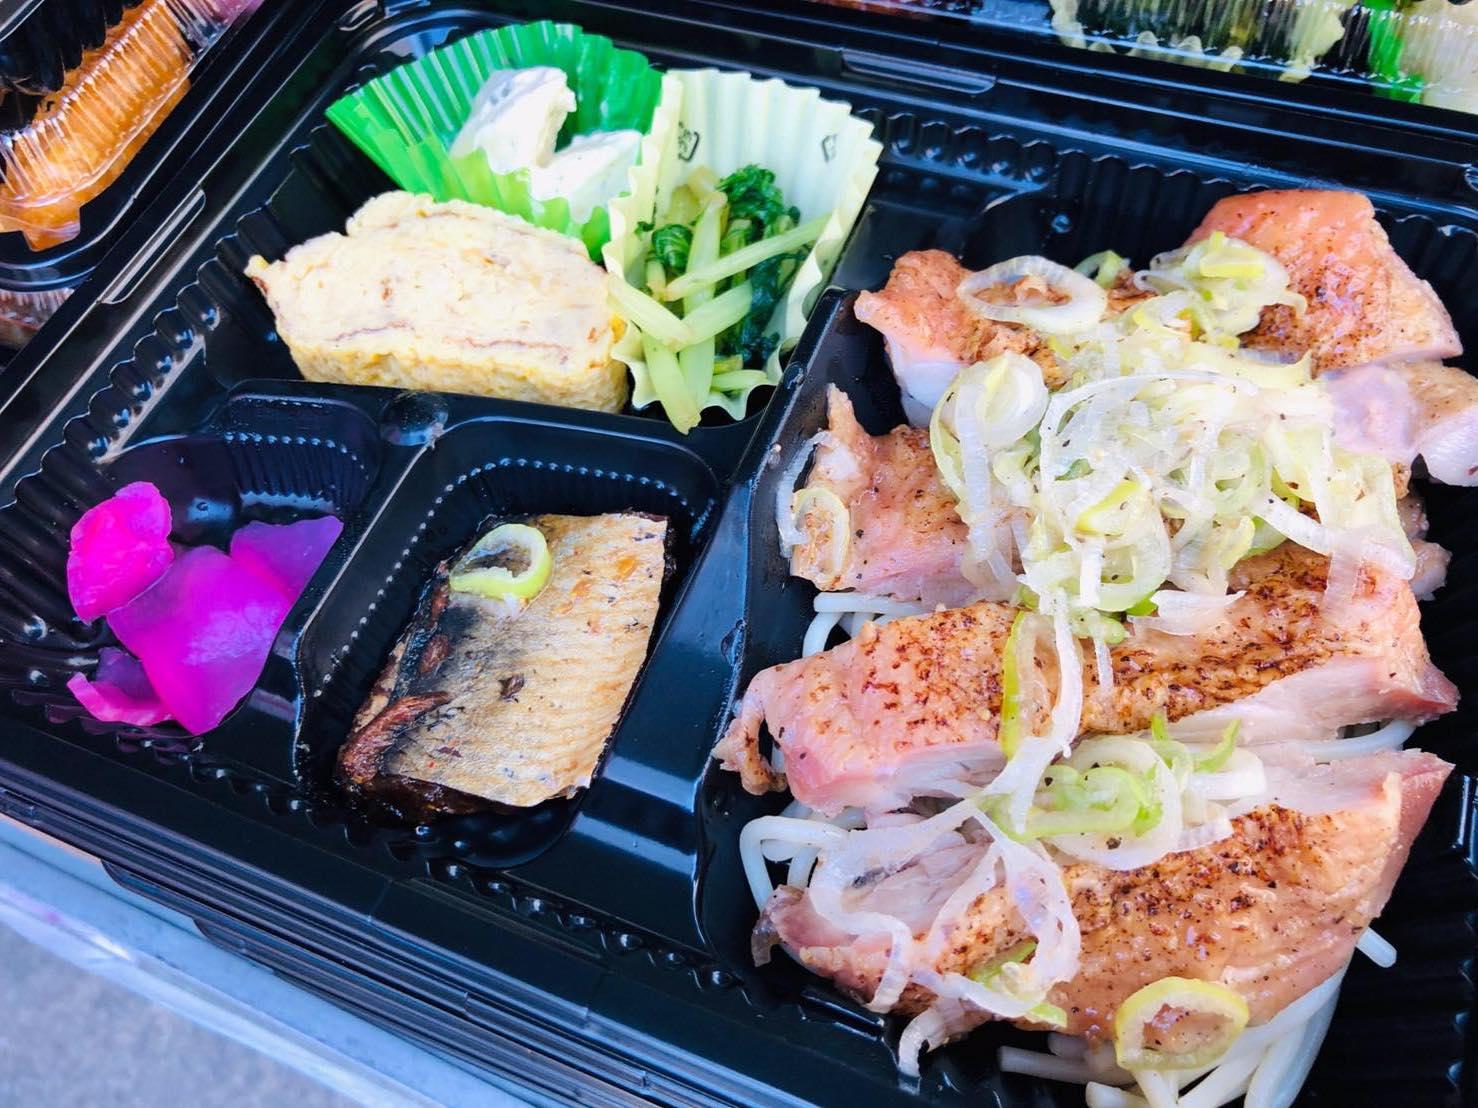 名古屋市 お弁当のBONSAI(ぼんさい)